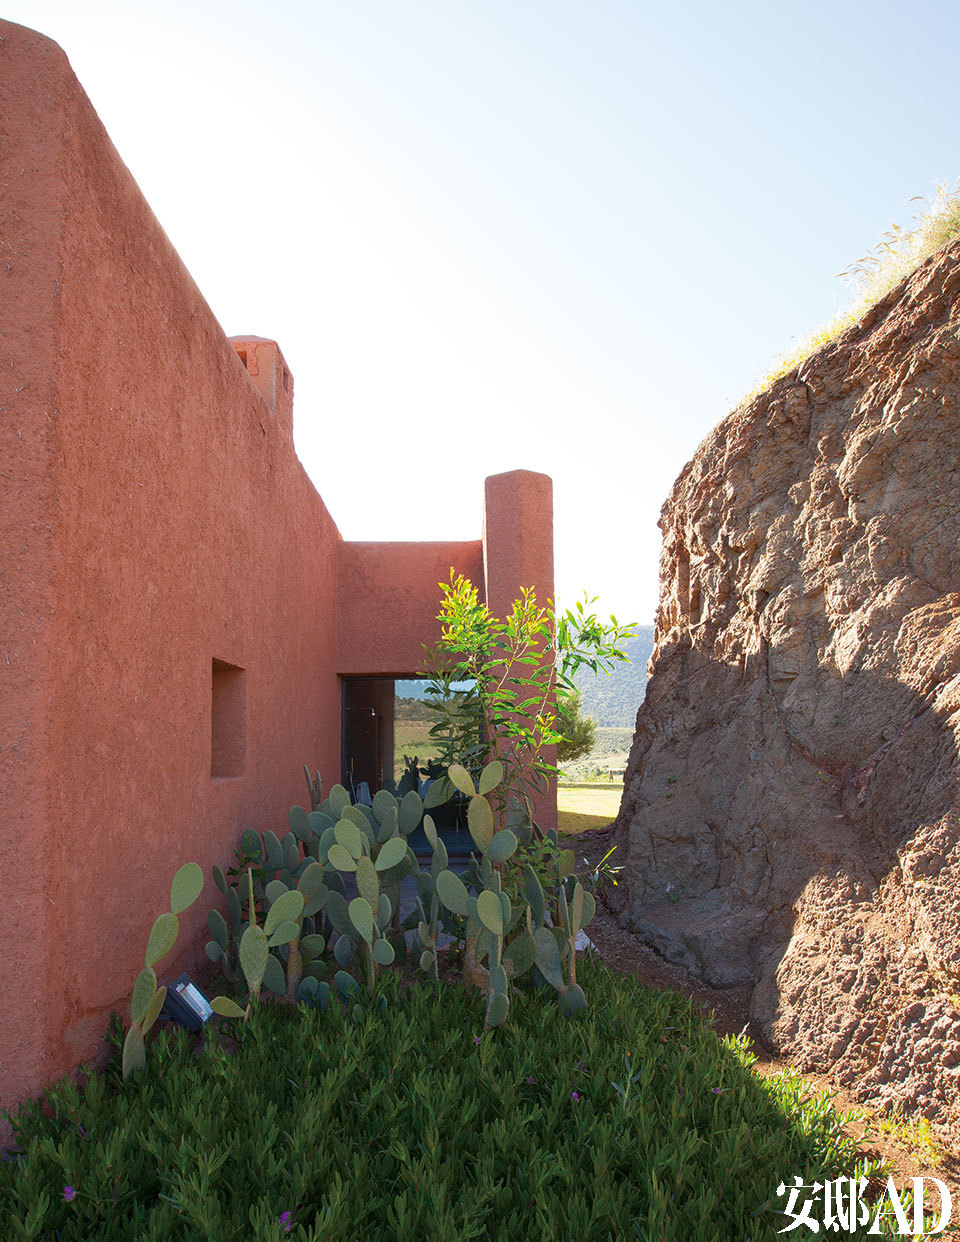 房子依着山势而建,可以很好地避风和保温。建筑外墙上那些红色石块与黏土涂层,都取材自当地,流露出粗犷的原始气质。